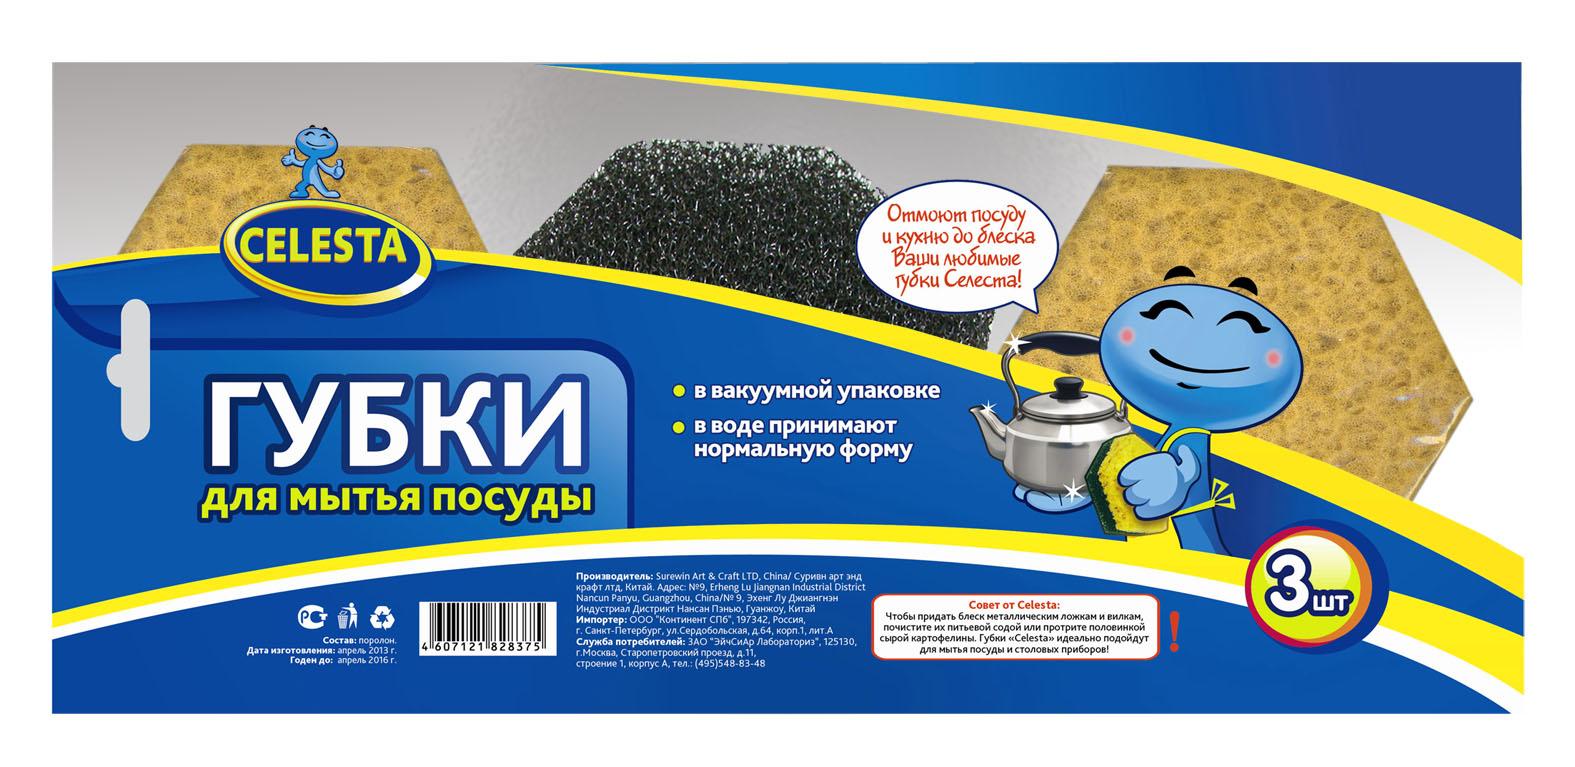 Губки для мытья посуды Celesta, 3 шт32110732Губки Celesta предназначены для мытья посуды, ухода за раковиной, кухонной мебелью. Незаменимы для уборки на кухне и в ванной. Размер губки: 9 см х 8 см х 1 см.